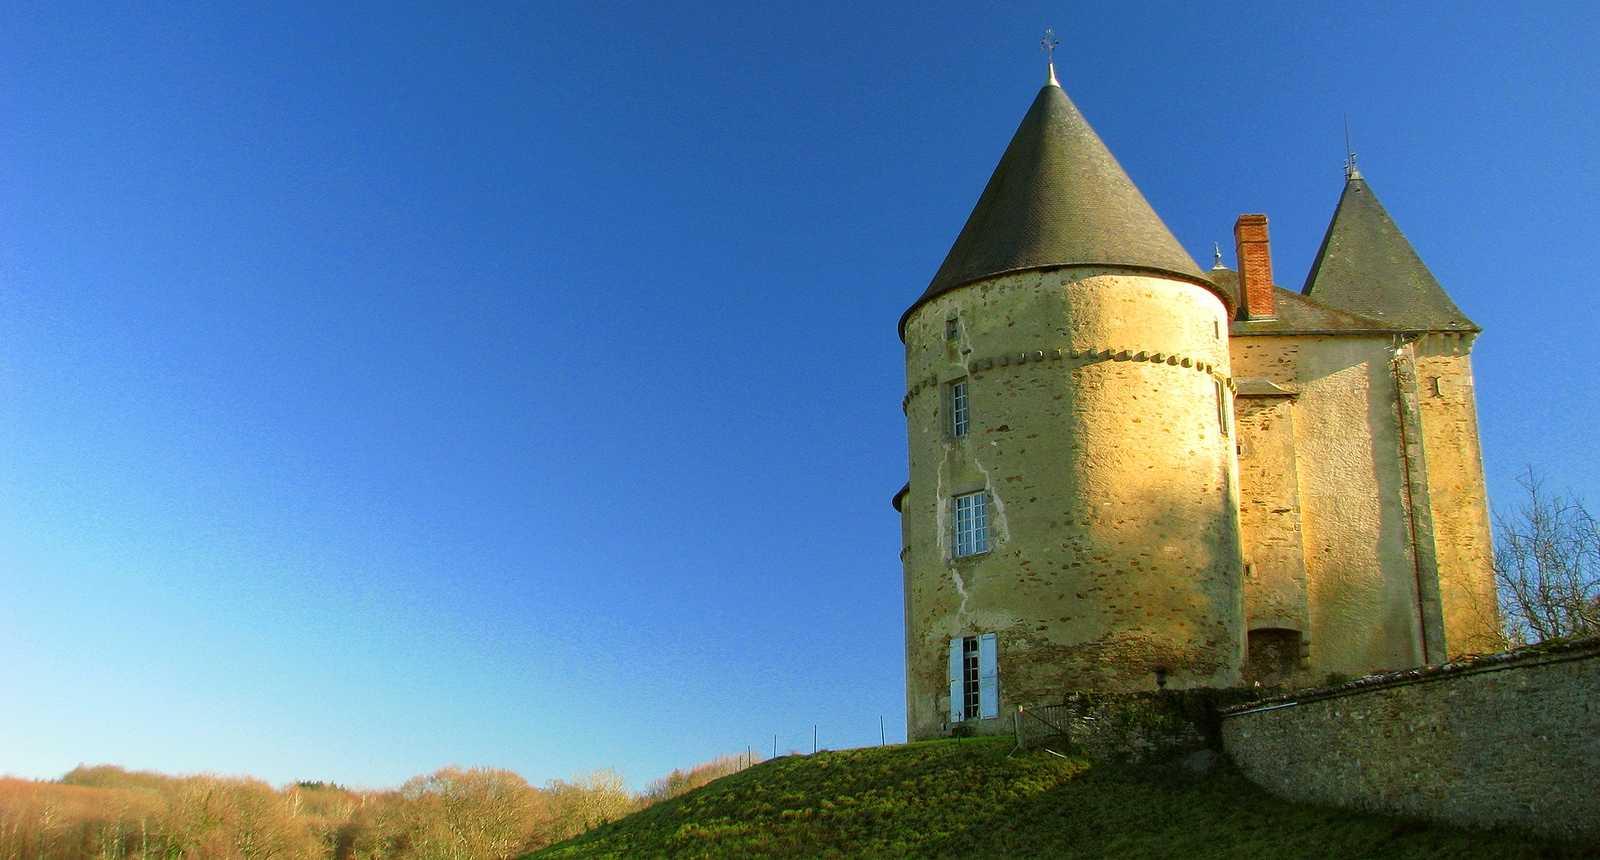 Le Château de Brie à Champagnac-la-Rivière